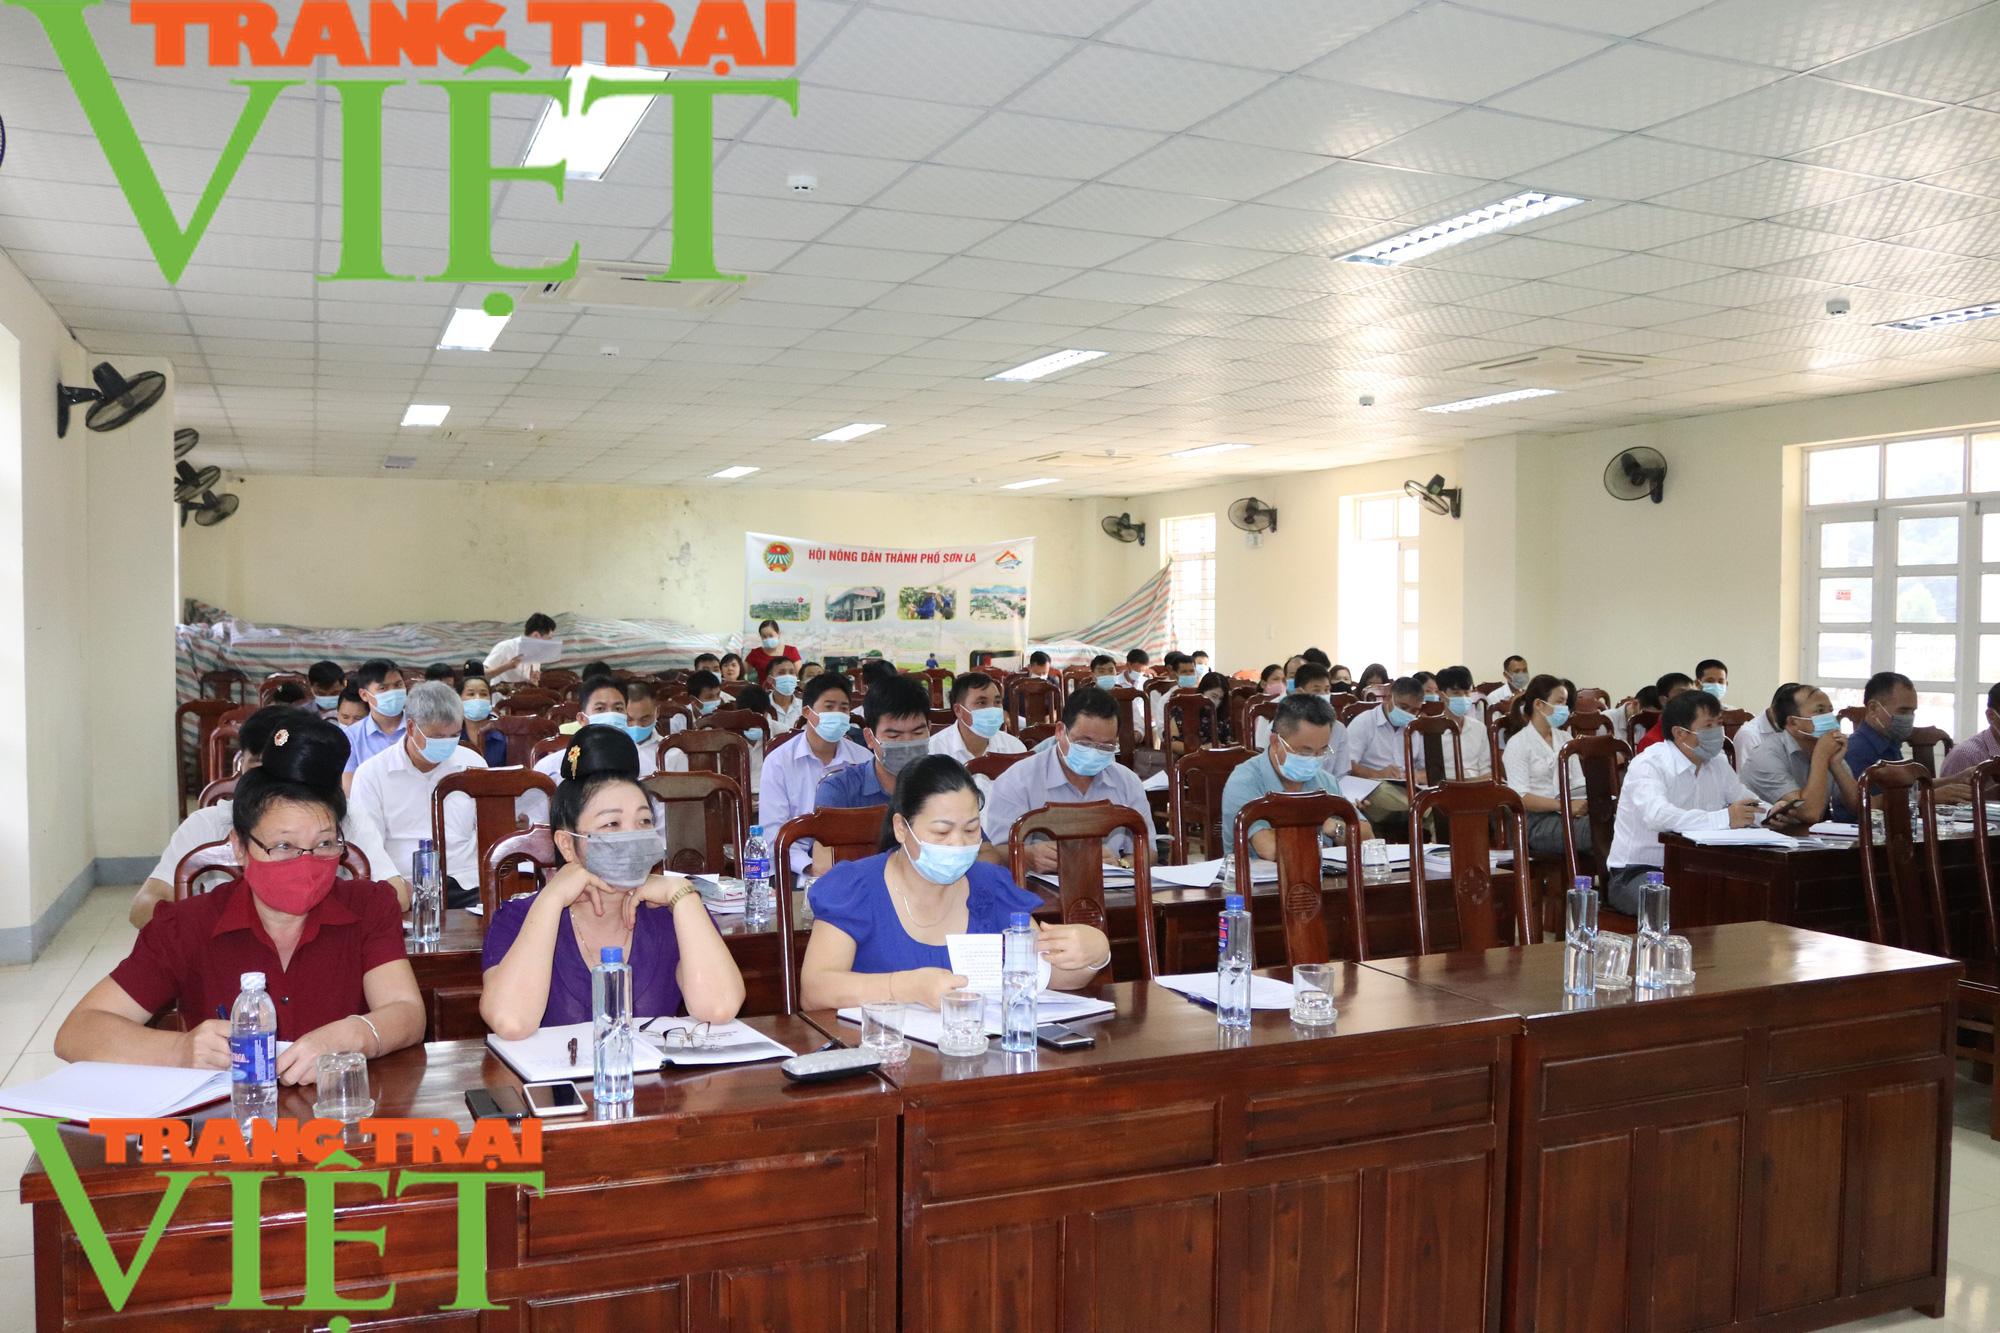 Hội Nông dân Sơn La: Làm tốt các hoạt động dịch vụ, tư vấn, dạy nghề, hỗ trợ nông dân - Ảnh 2.